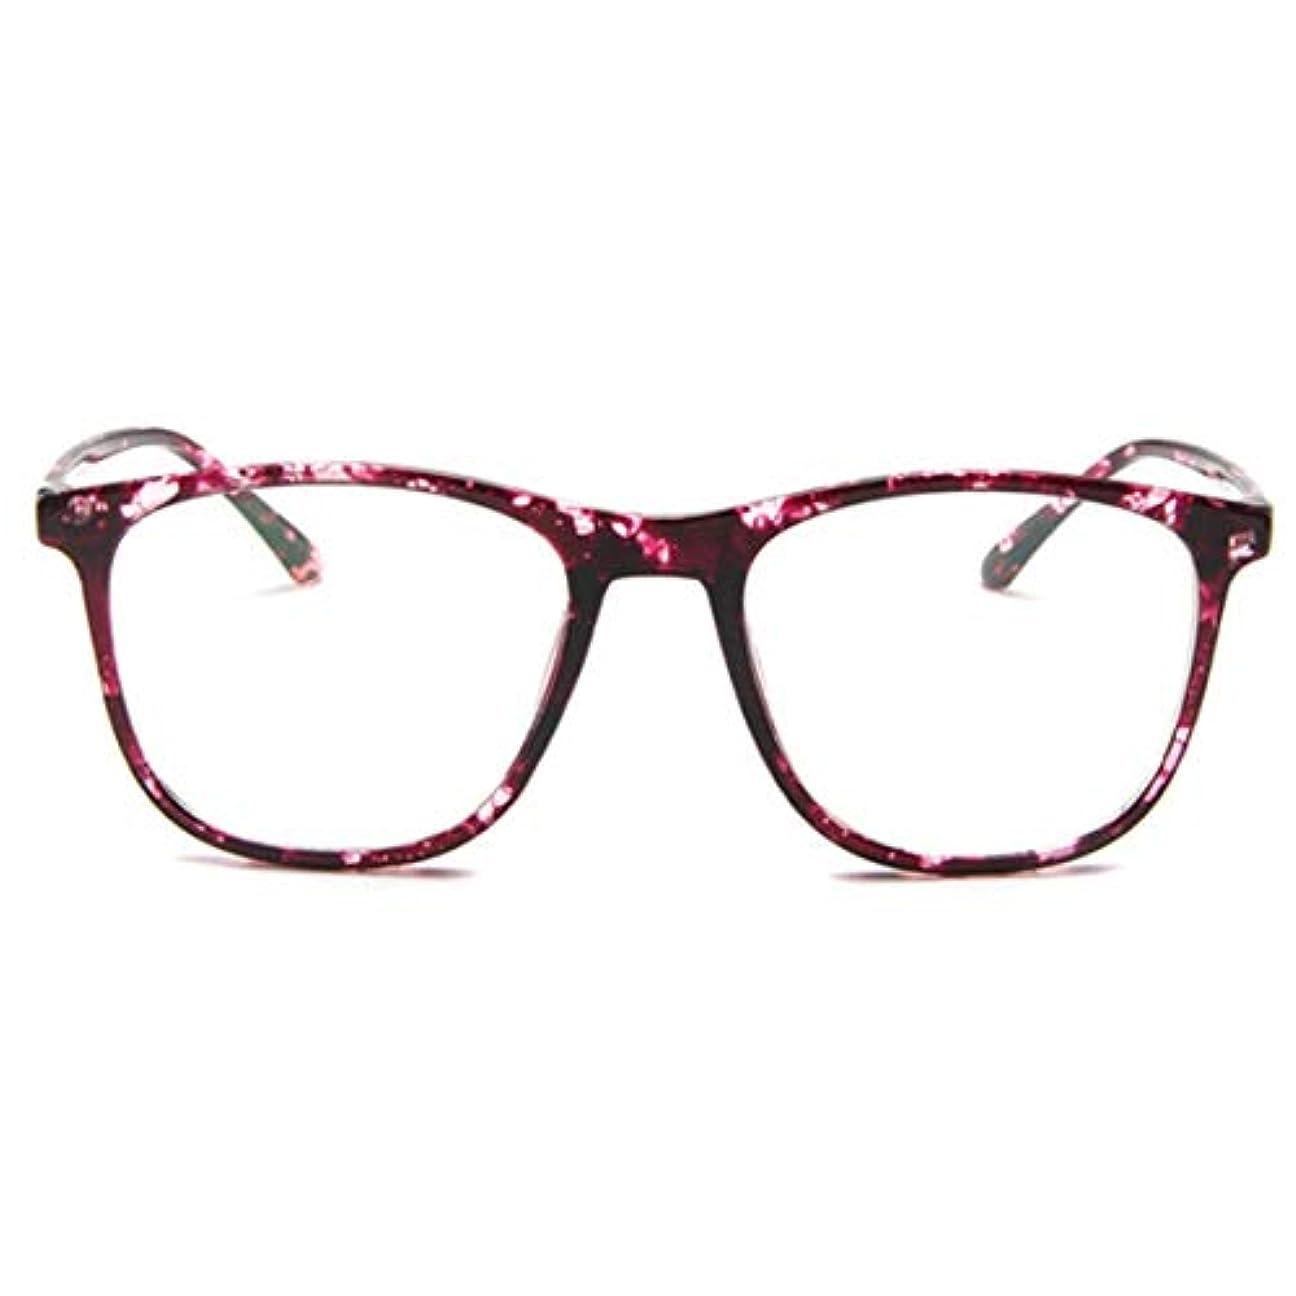 国表面処分した韓国の学生のプレーンメガネ男性と女性のファッションメガネフレーム近視メガネフレームファッショナブルなシンプルなメガネ-紫-